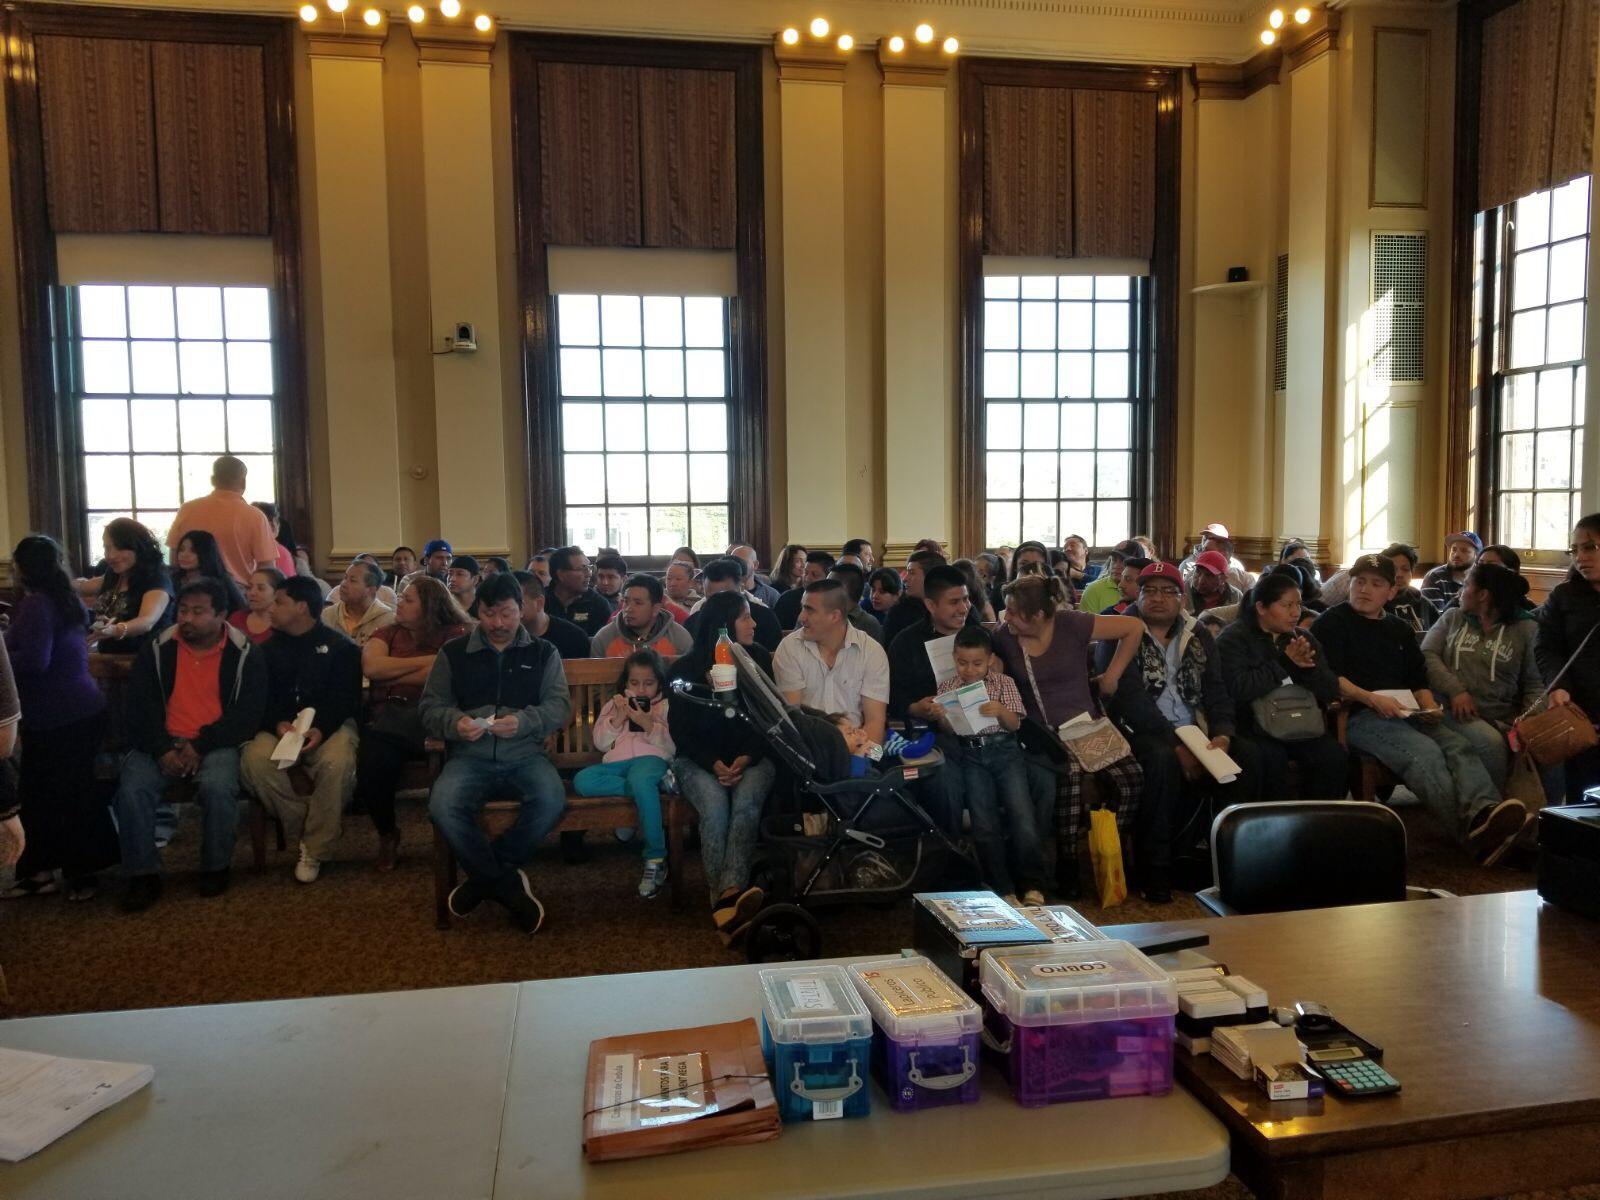 Guatemaltecos esperan para ser atendidos en el Consulado Móvil de Guatemala en el City Hall de Chelsea